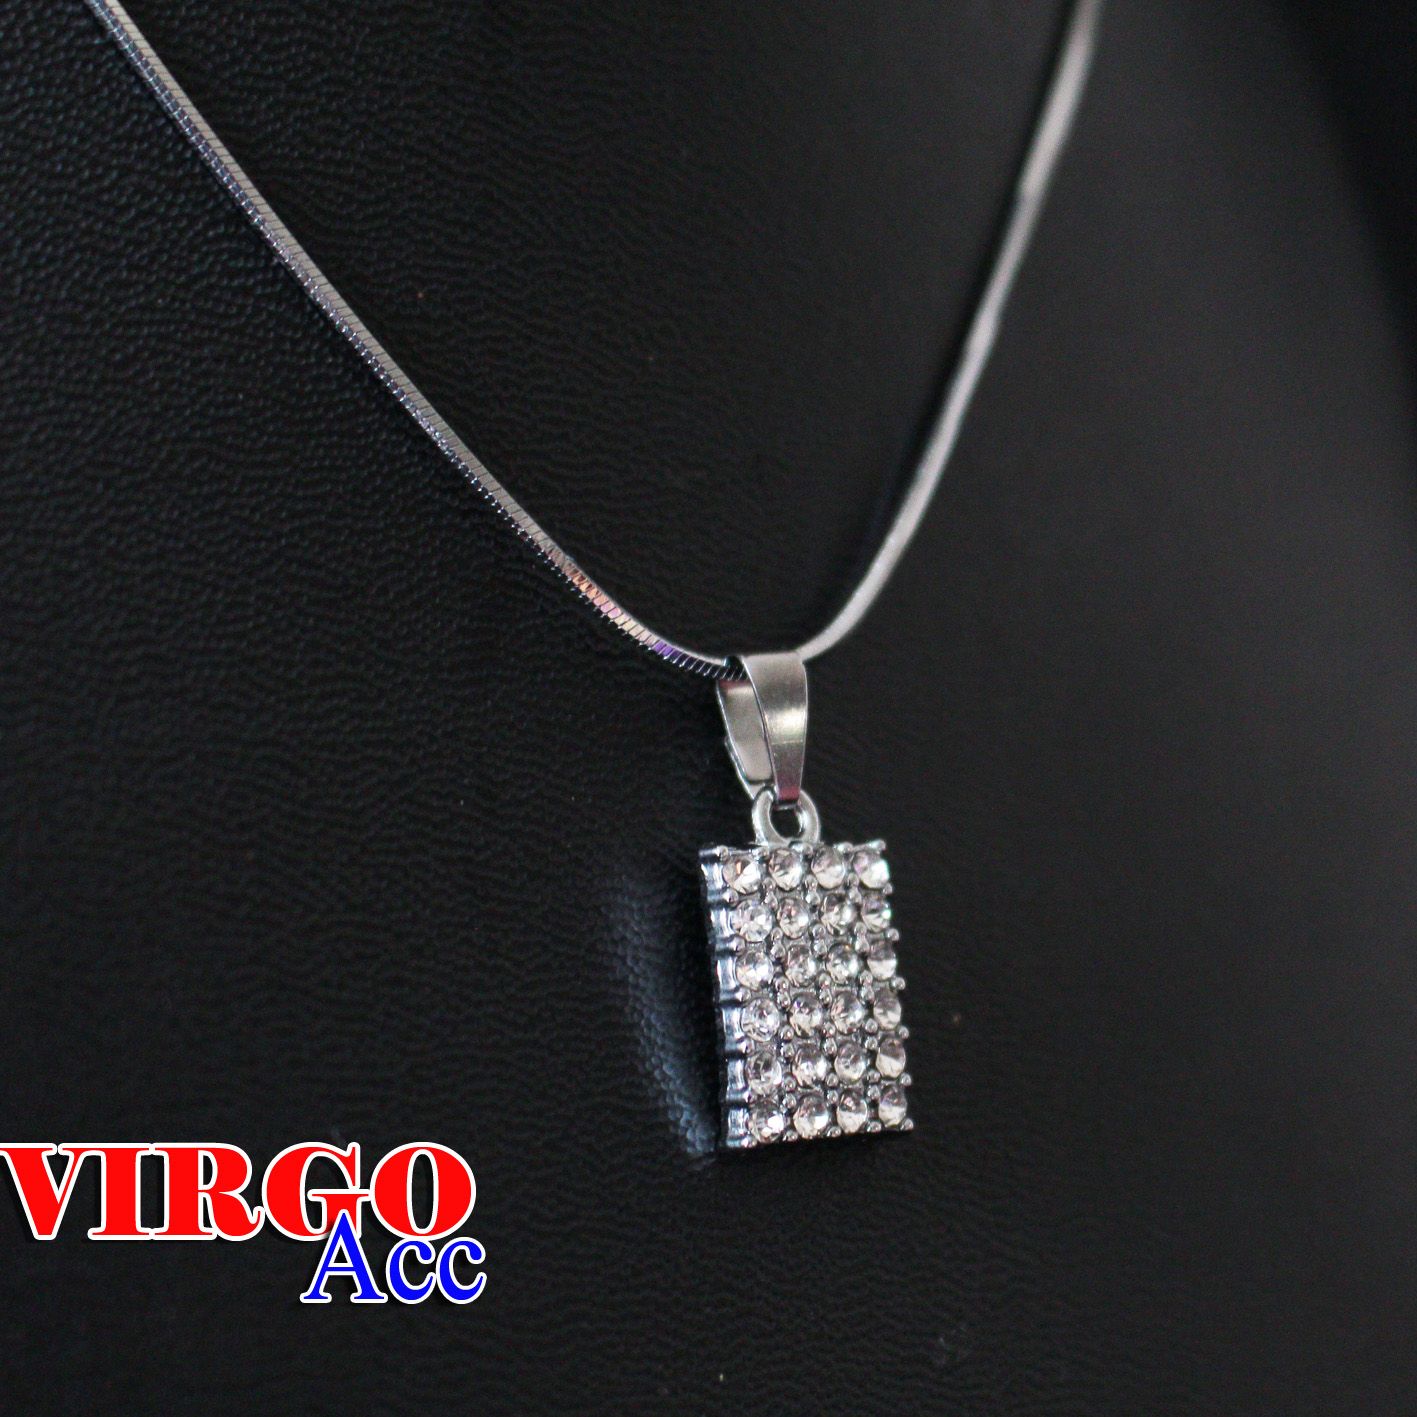 promo kalung perhiasan wanita liontin love full silver new anti karat